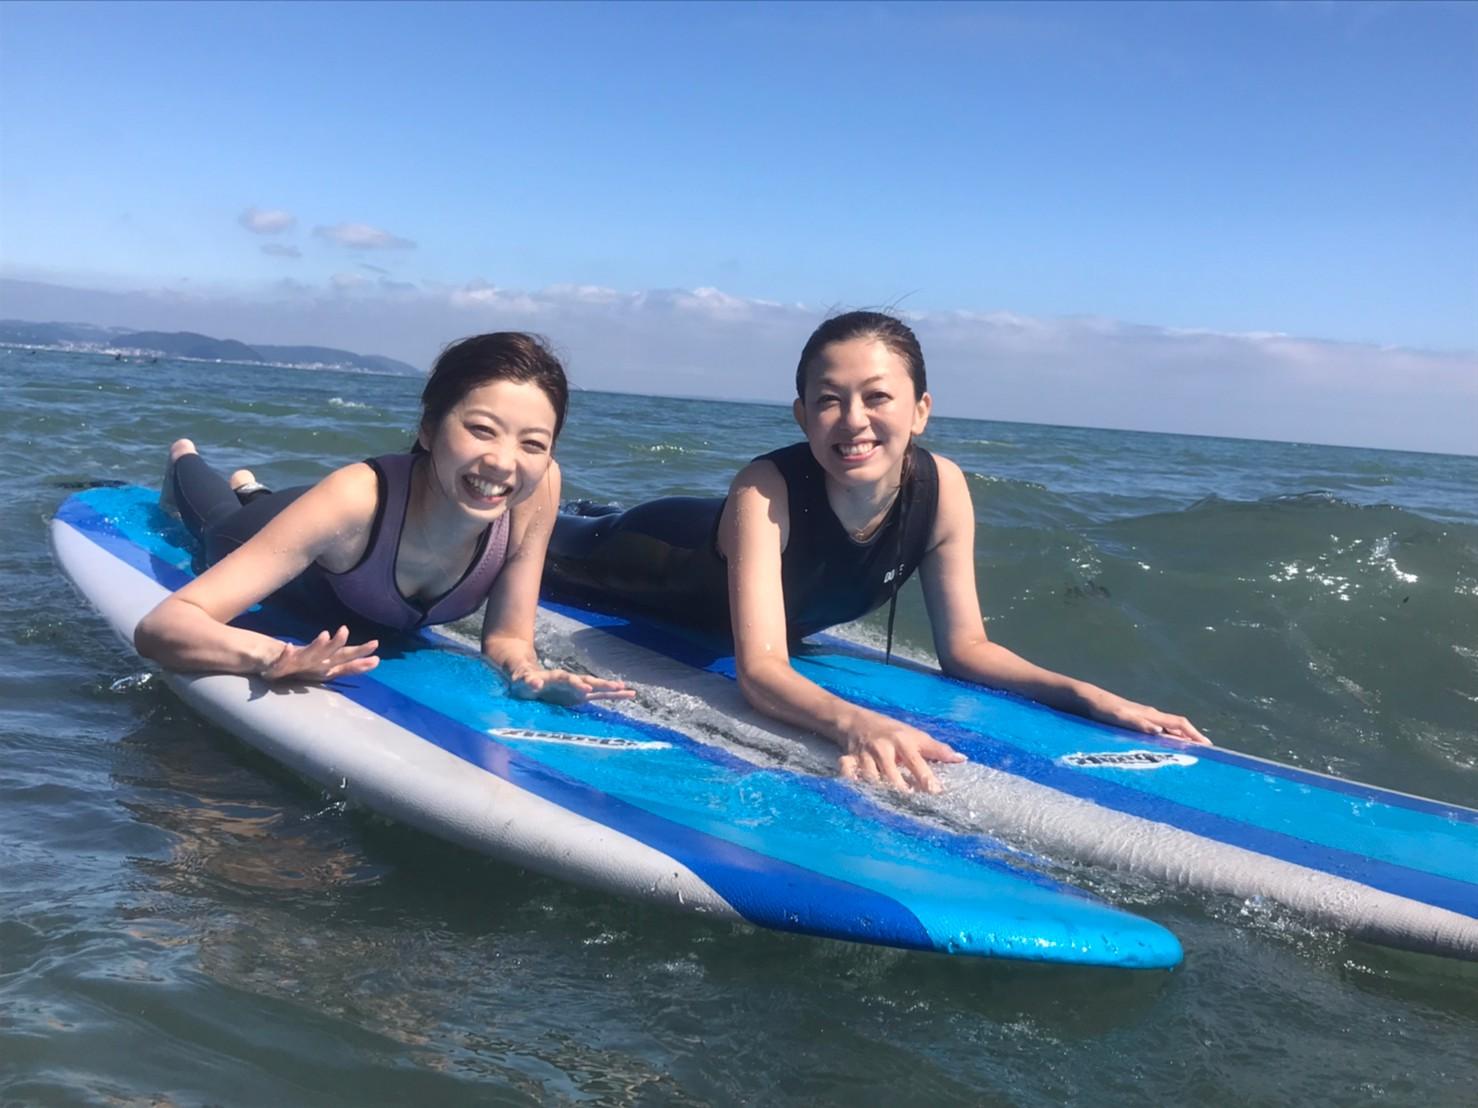 やってみたかったをカタチにする パウダーカンパニー湘南のサーフィン体験のアイキャッチ画像